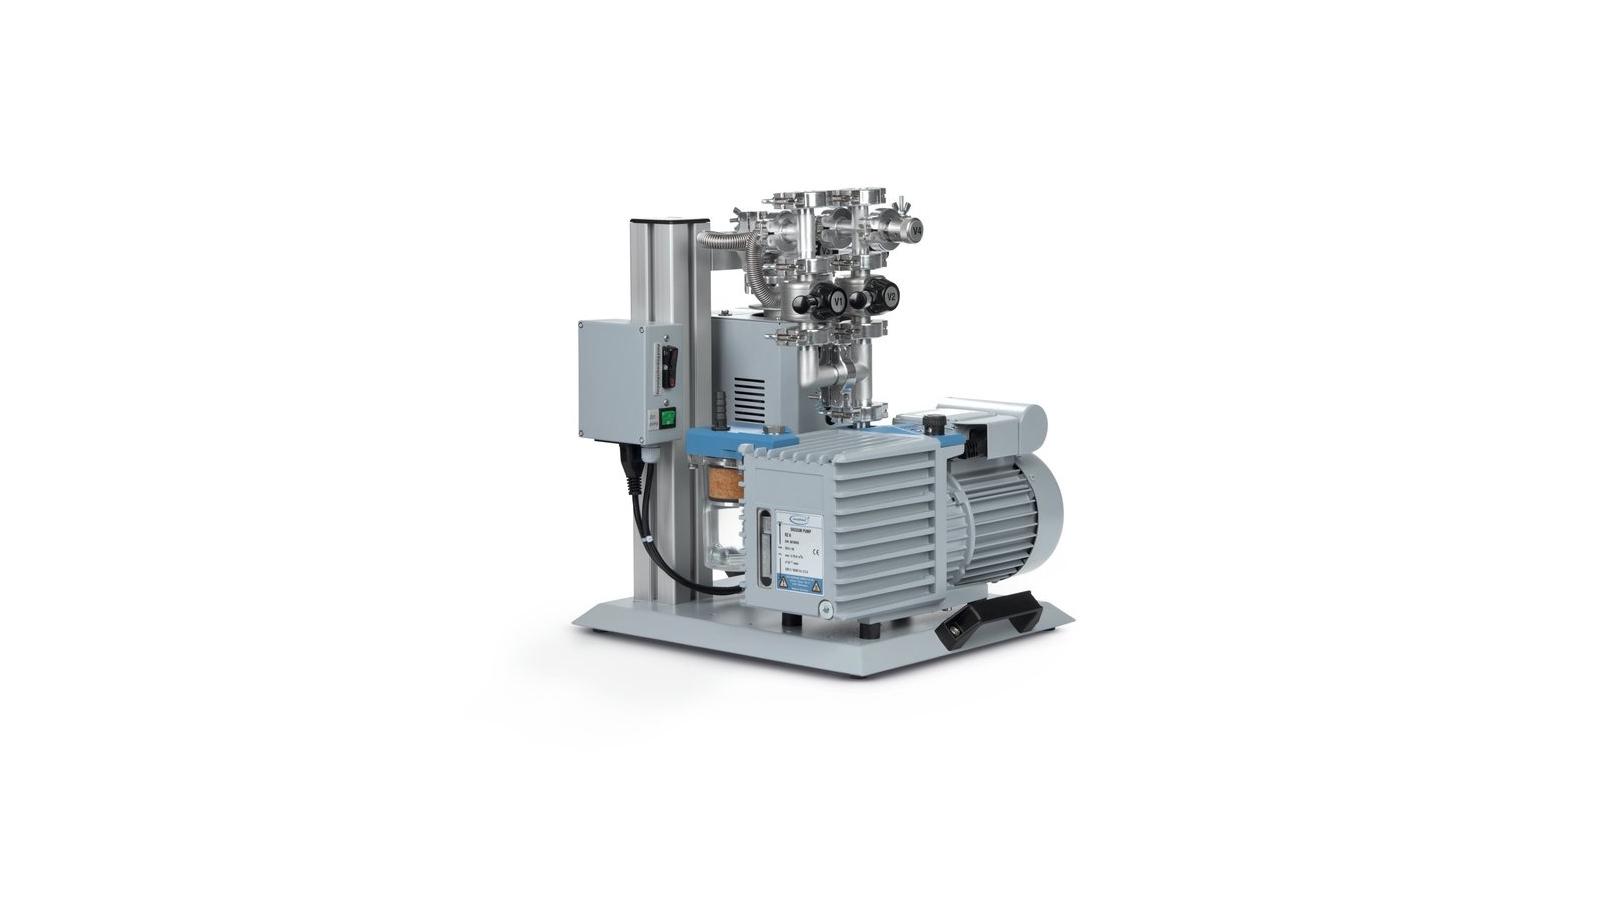 Vacuubrand Yüksek Vakum Ünitesi Hp 40 B2 / Rz 6 || Merlab Laboratuvar Ekipmanları